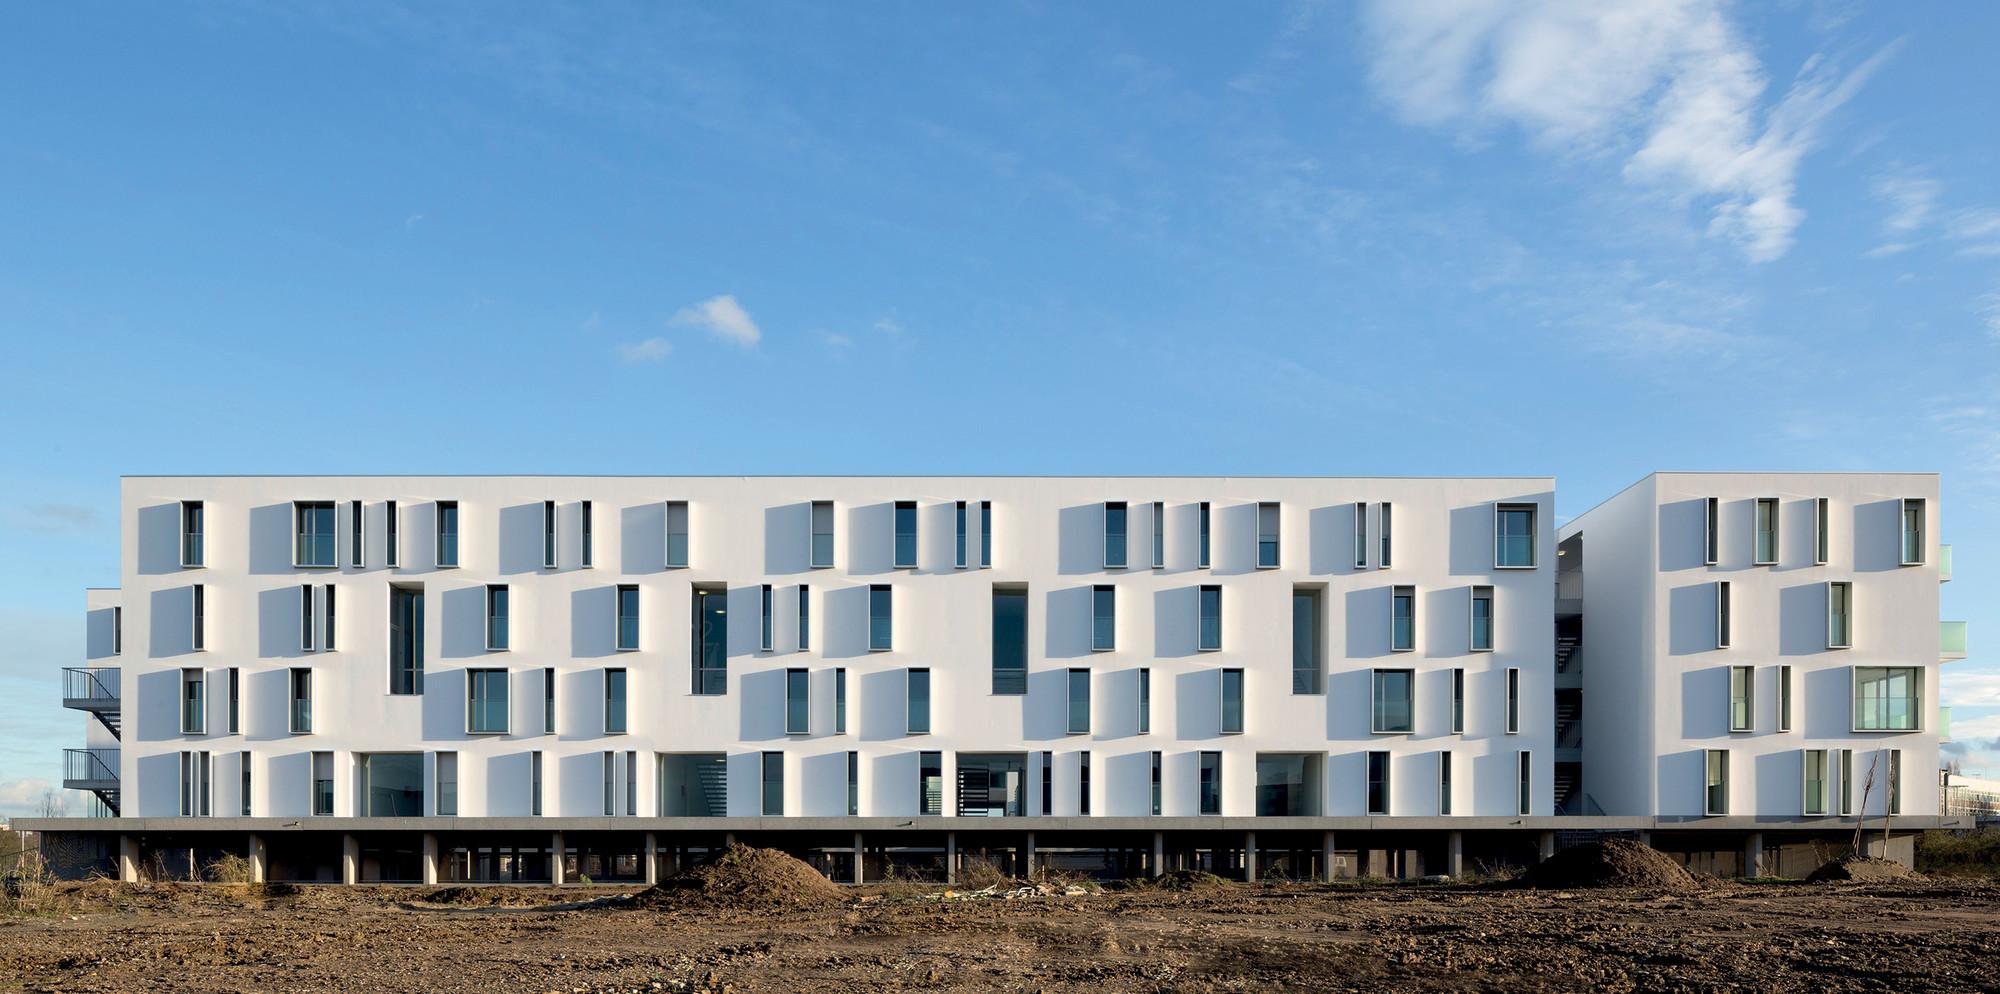 Canopia Park Housing / BABIN+RENAUD, © Cécile Septet